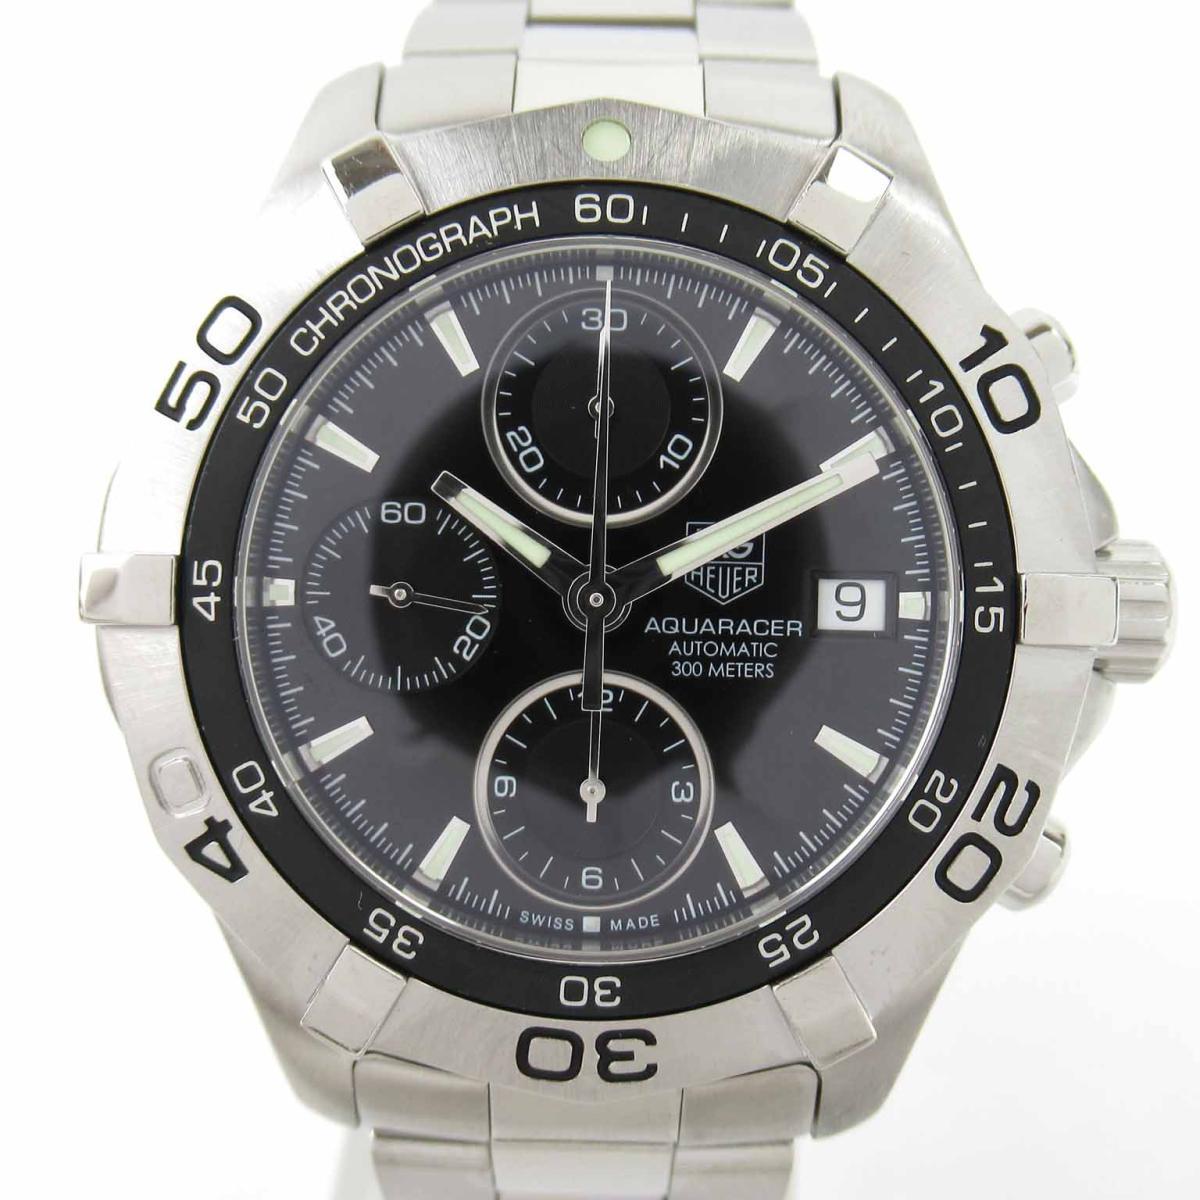 ≪期間限定≫メルマガ登録でクーポンGET! 【中古】 タグ・ホイヤー アクアレーサー ウォッチ 腕時計 メンズ ステンレススチール (SS) (CAF2110) | TAG HEUER BRANDOFF ブランドオフ ブランド ブランド時計 ブランド腕時計 時計